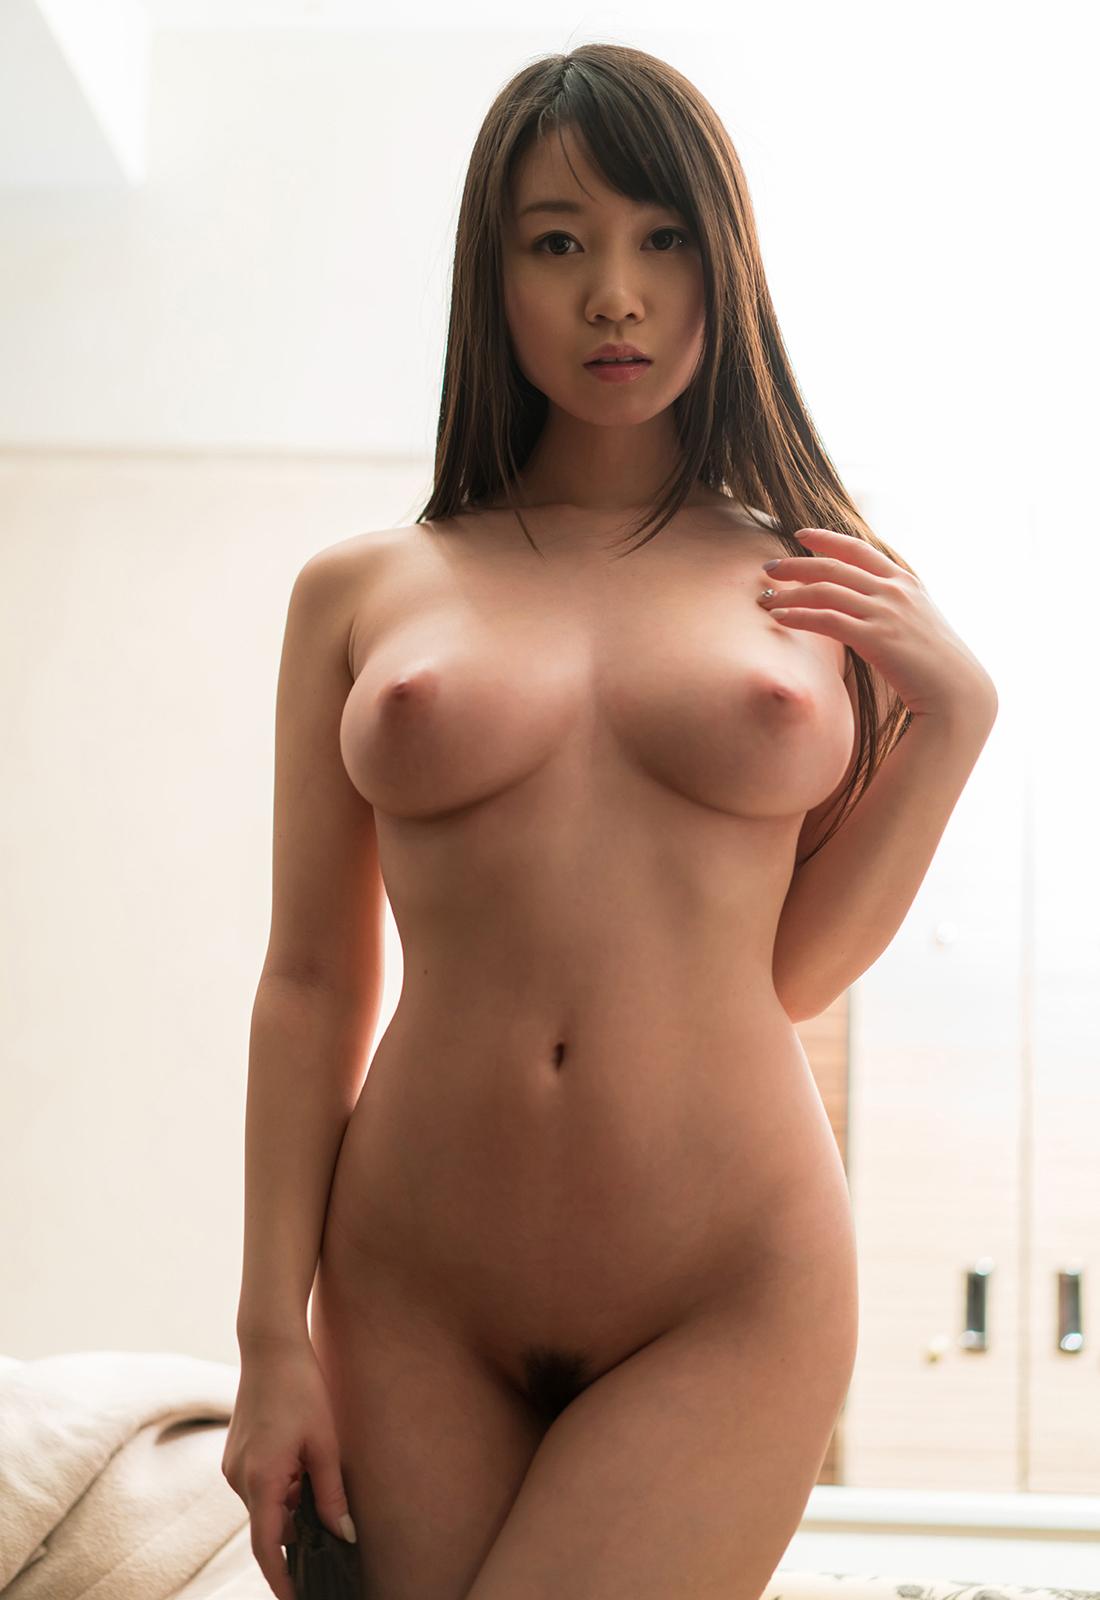 夢乃あいか ぽちゃなGカップの美美巨乳お乳に見惚れちゃうえろ写真